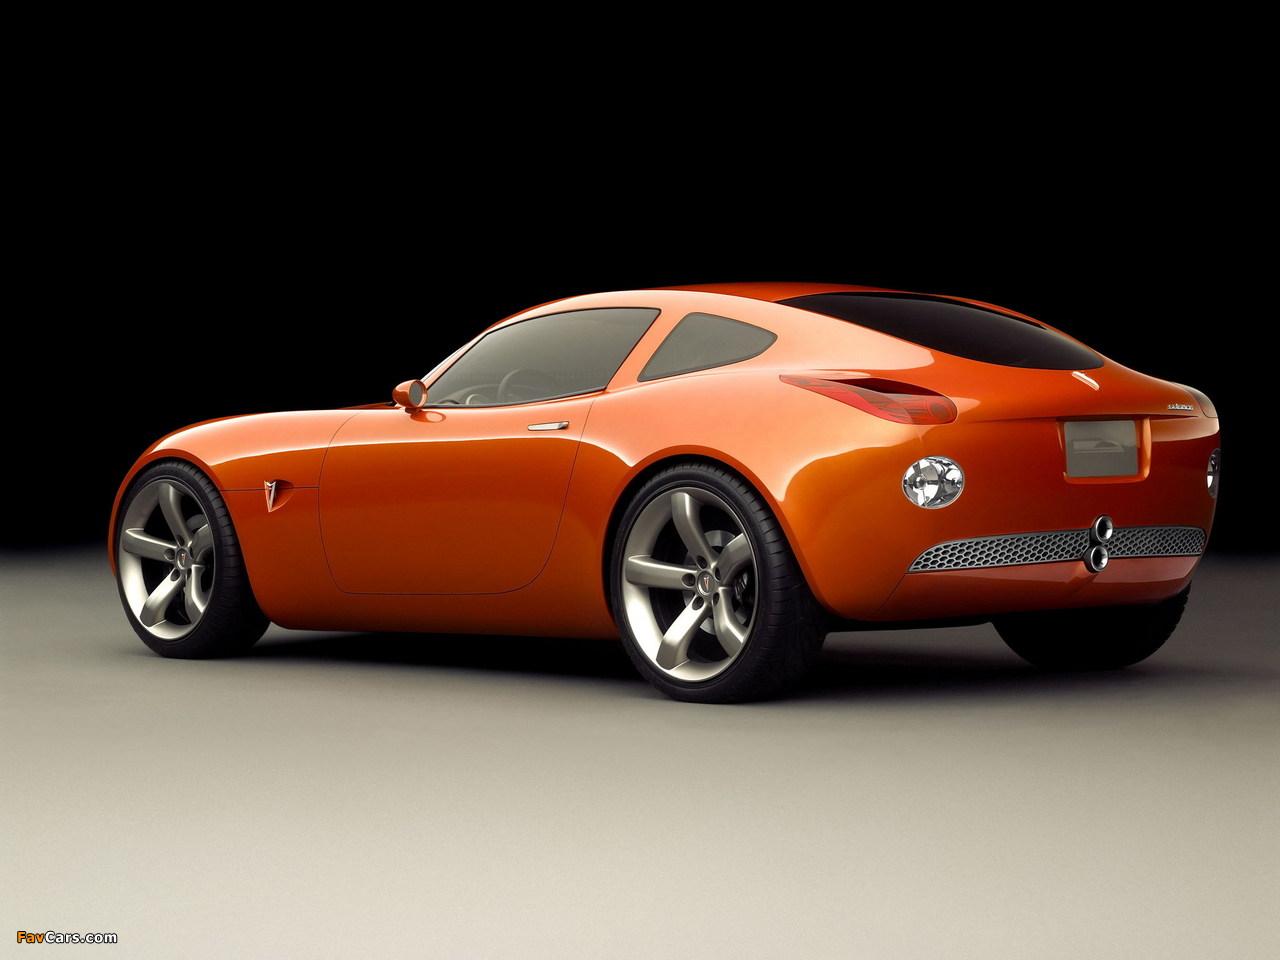 Pontiac Solstice Coupe Concept 2002 pictures (1280 x 960)